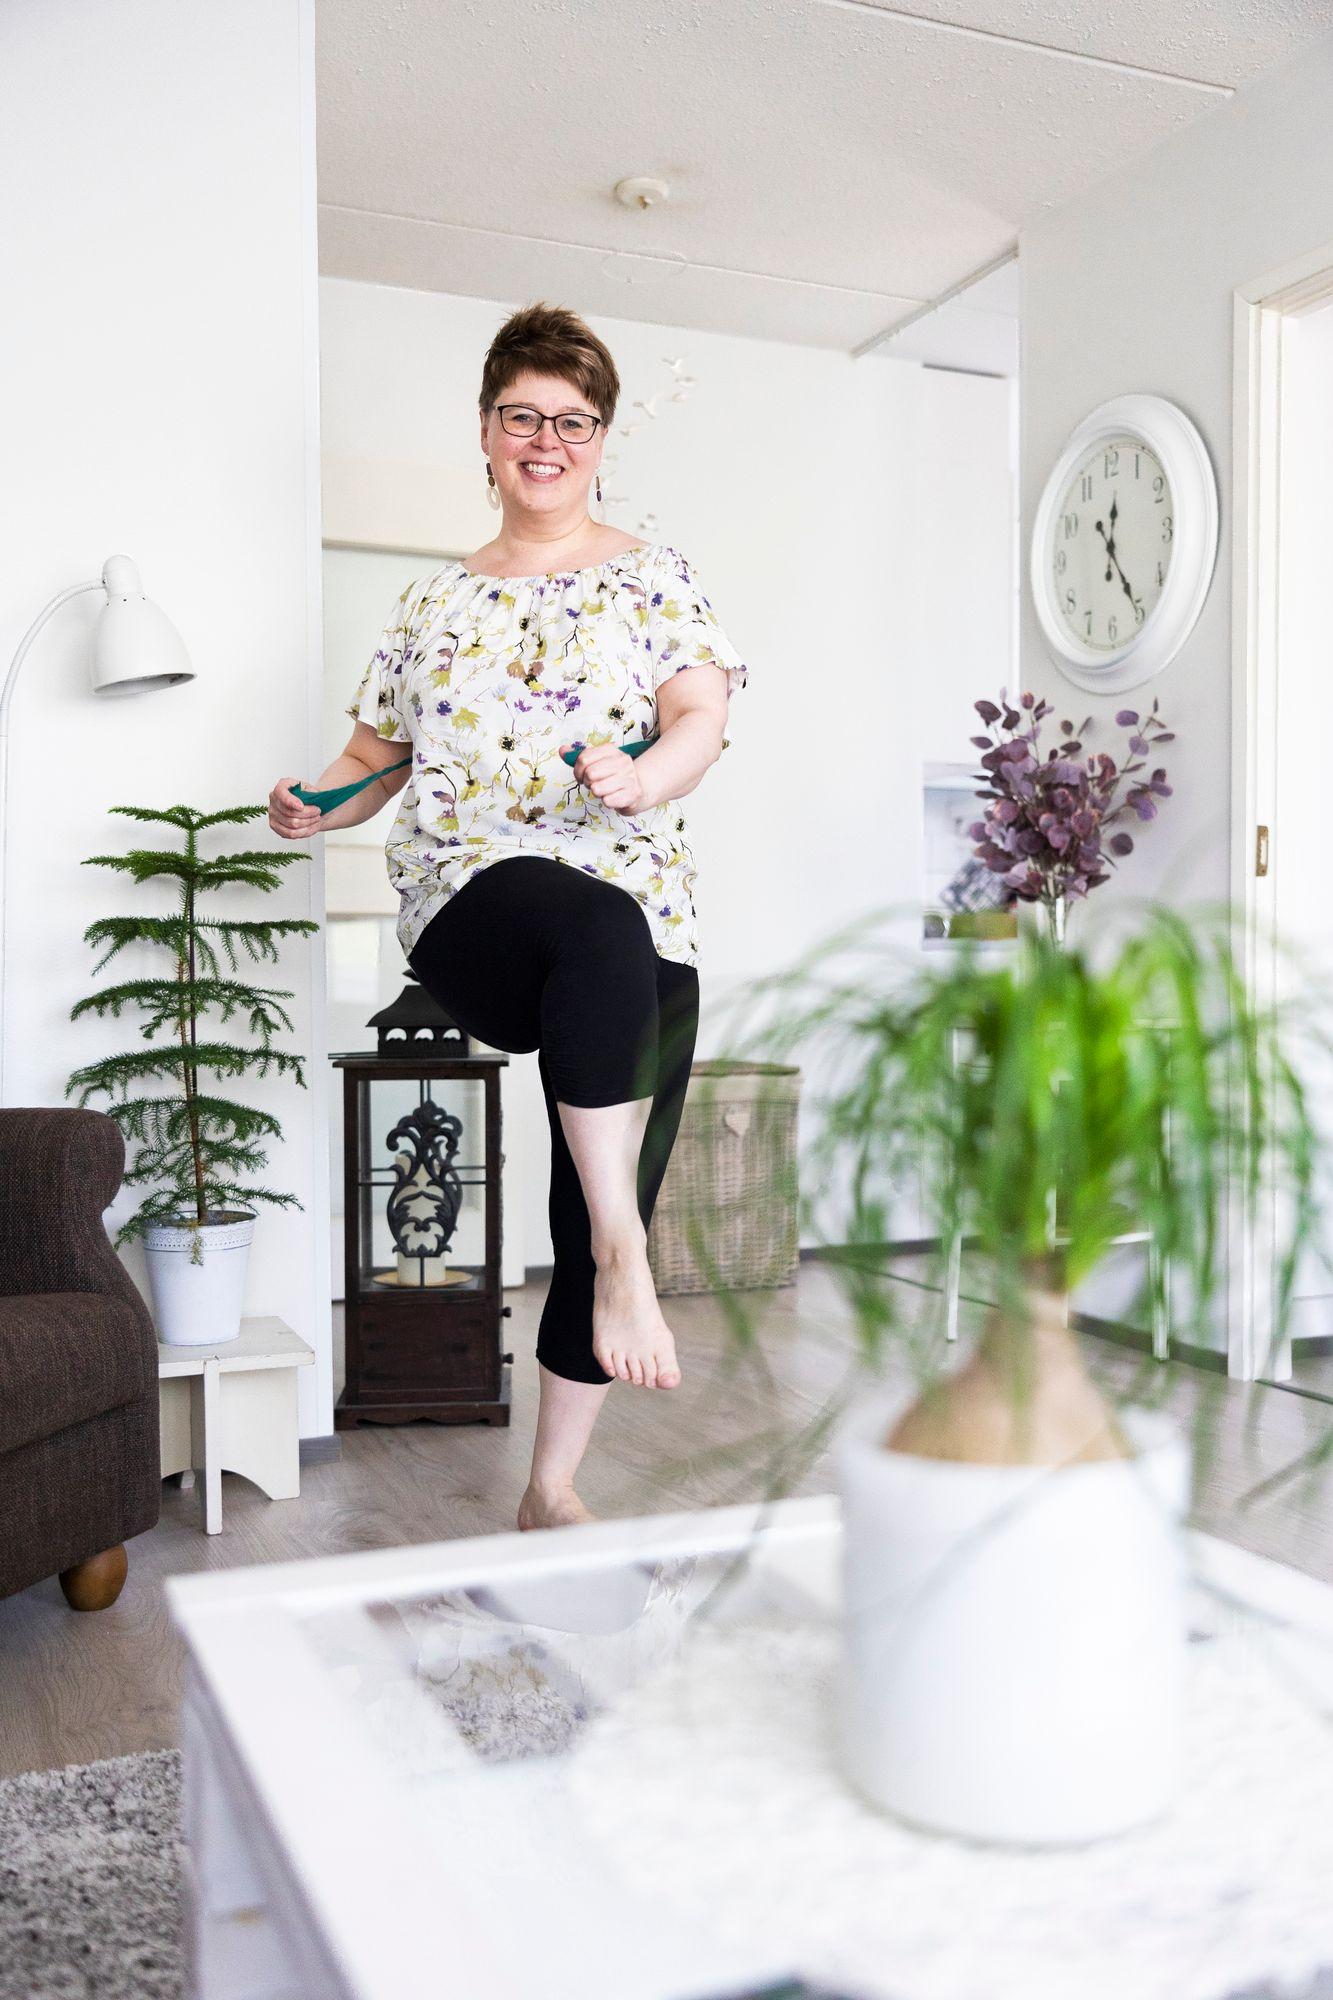 Polvikipu vei Anne Julkusen sairauslomalle vuodeksi ja viideksi kuukaudeksi. Apu löytyi fysioterapiasta. © Matias Honkamaa